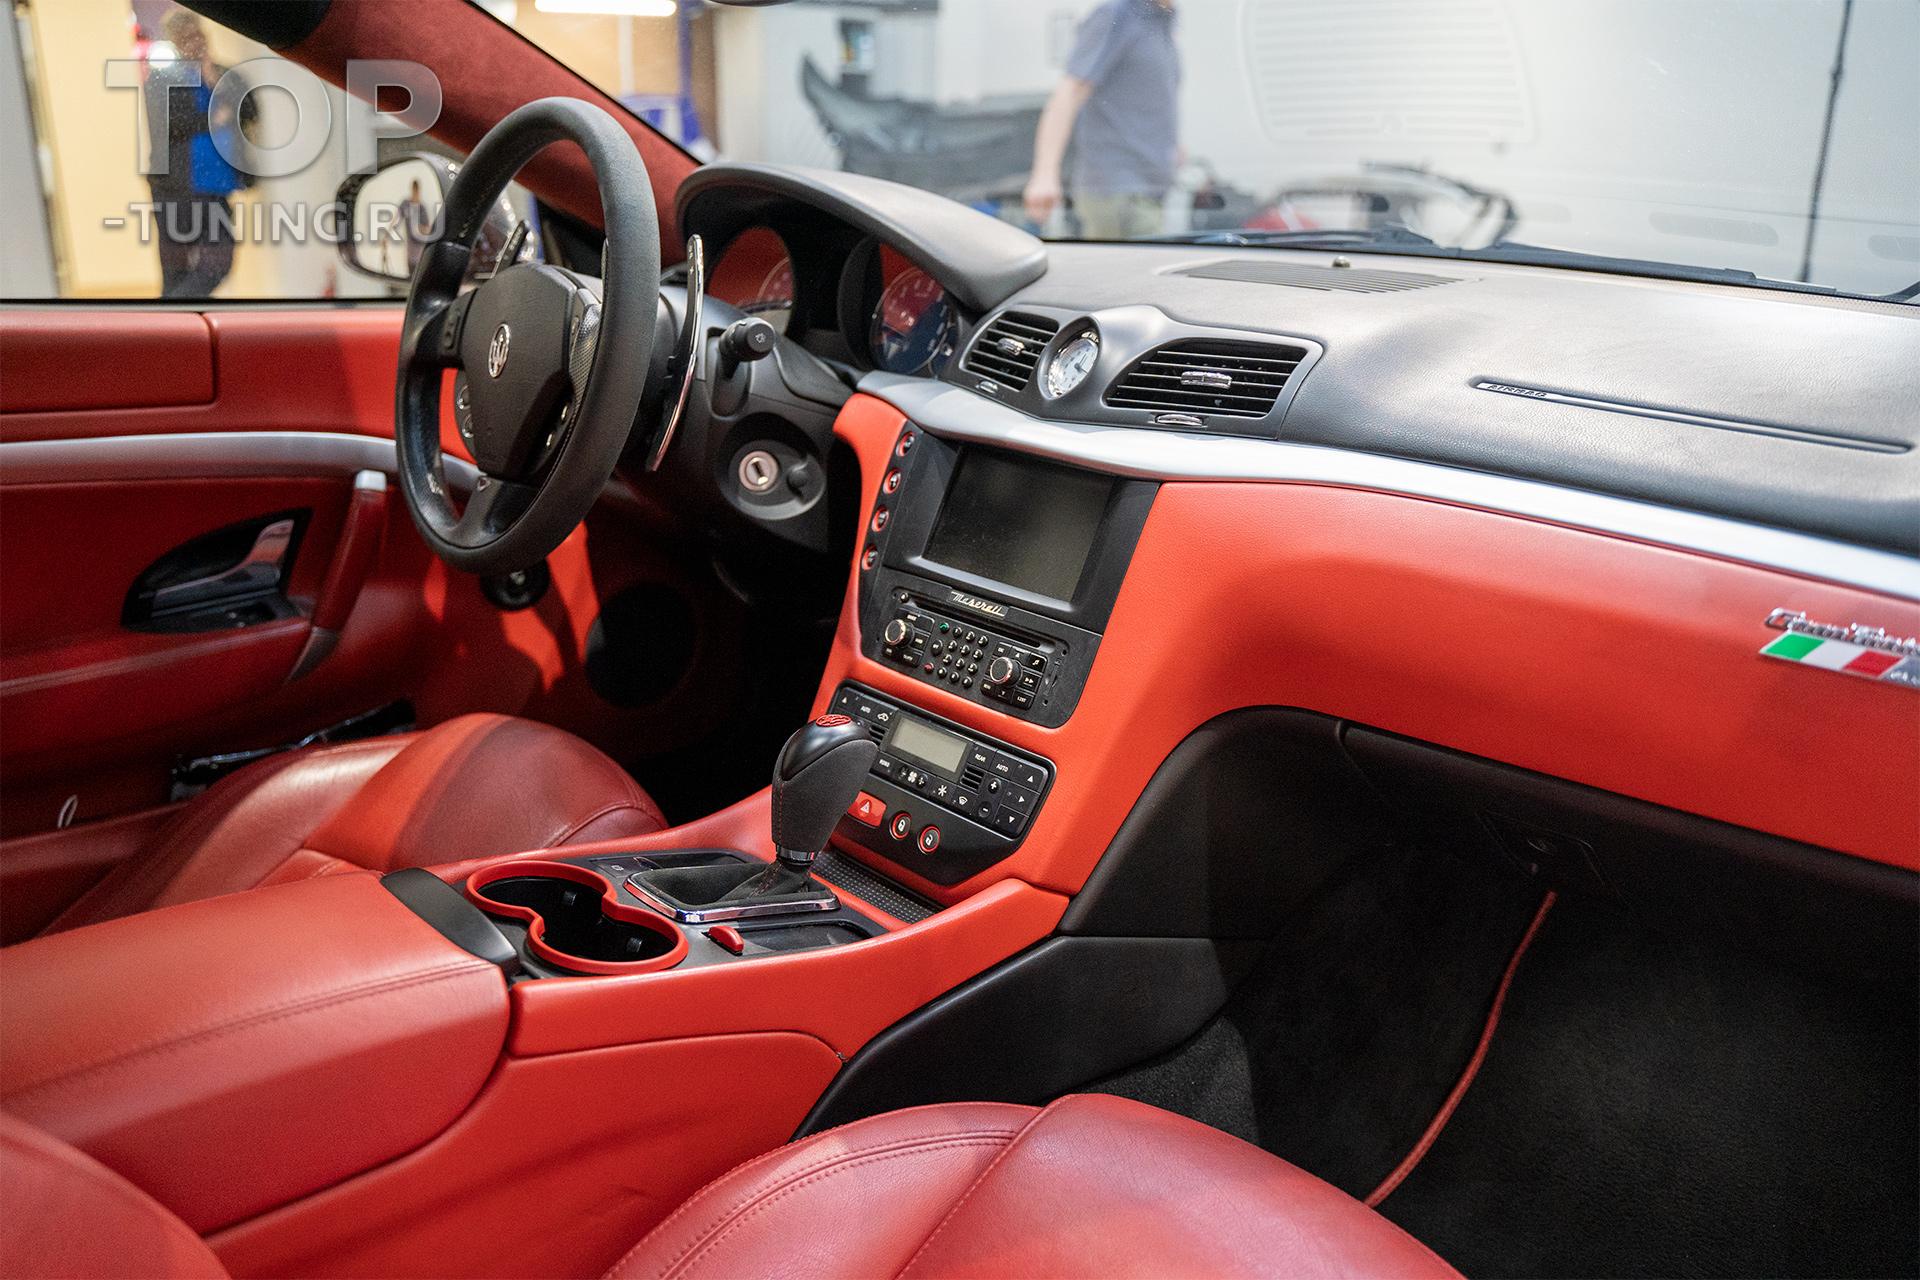 Детейлинг Maserati GranTurismo S - работа выполнена в Топ Тюнинг МоскваДетейлинг Maserati GranTurismo S - работа выполнена в Топ Тюнинг Москва